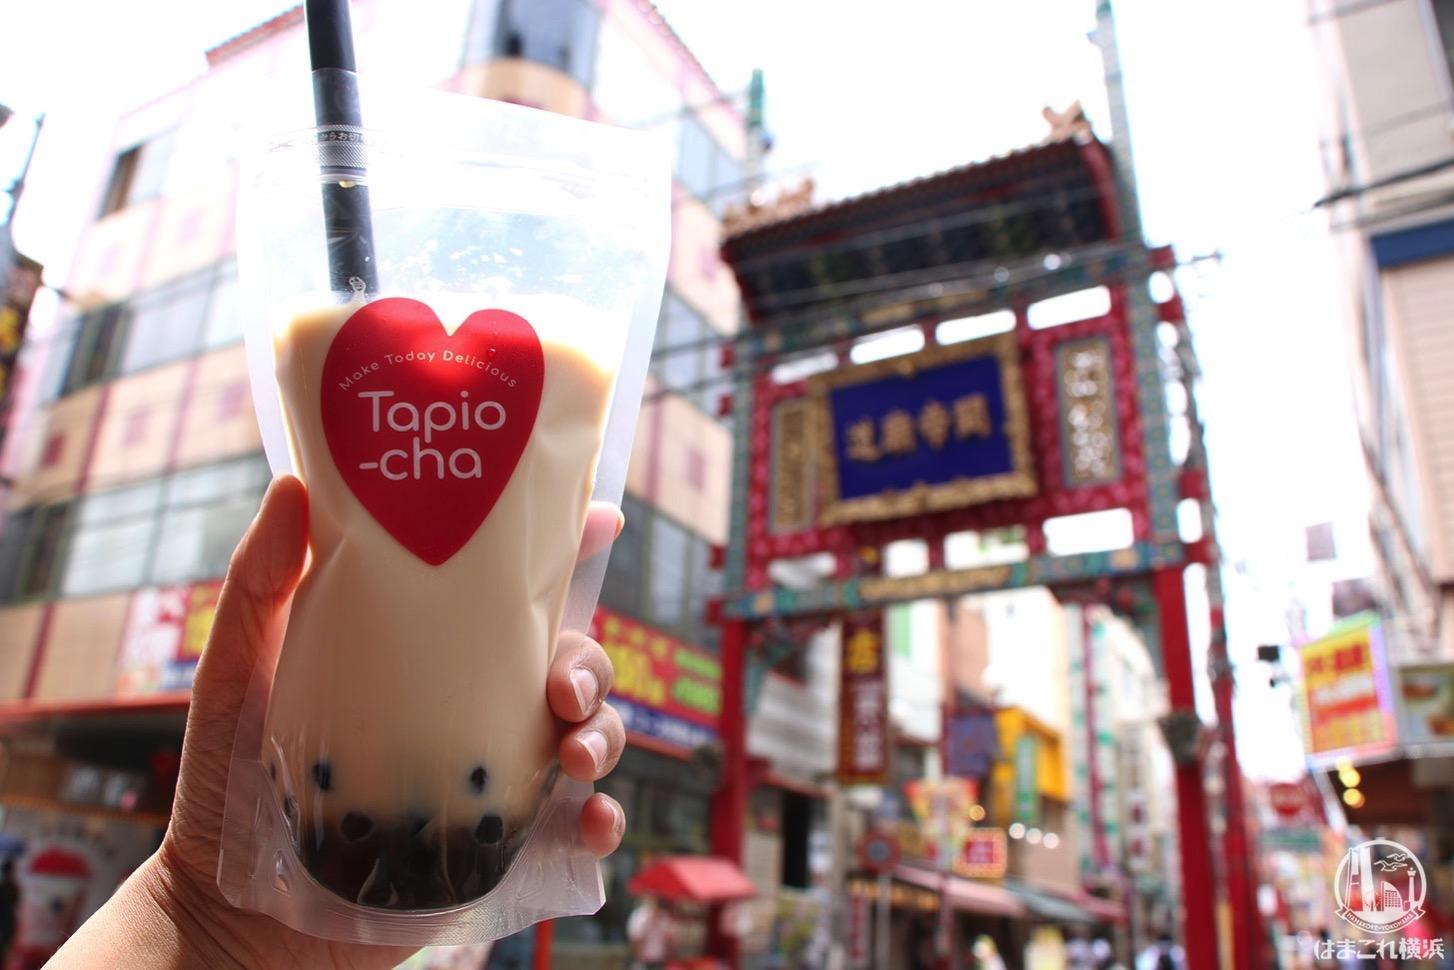 台湾茶・タピオチャ